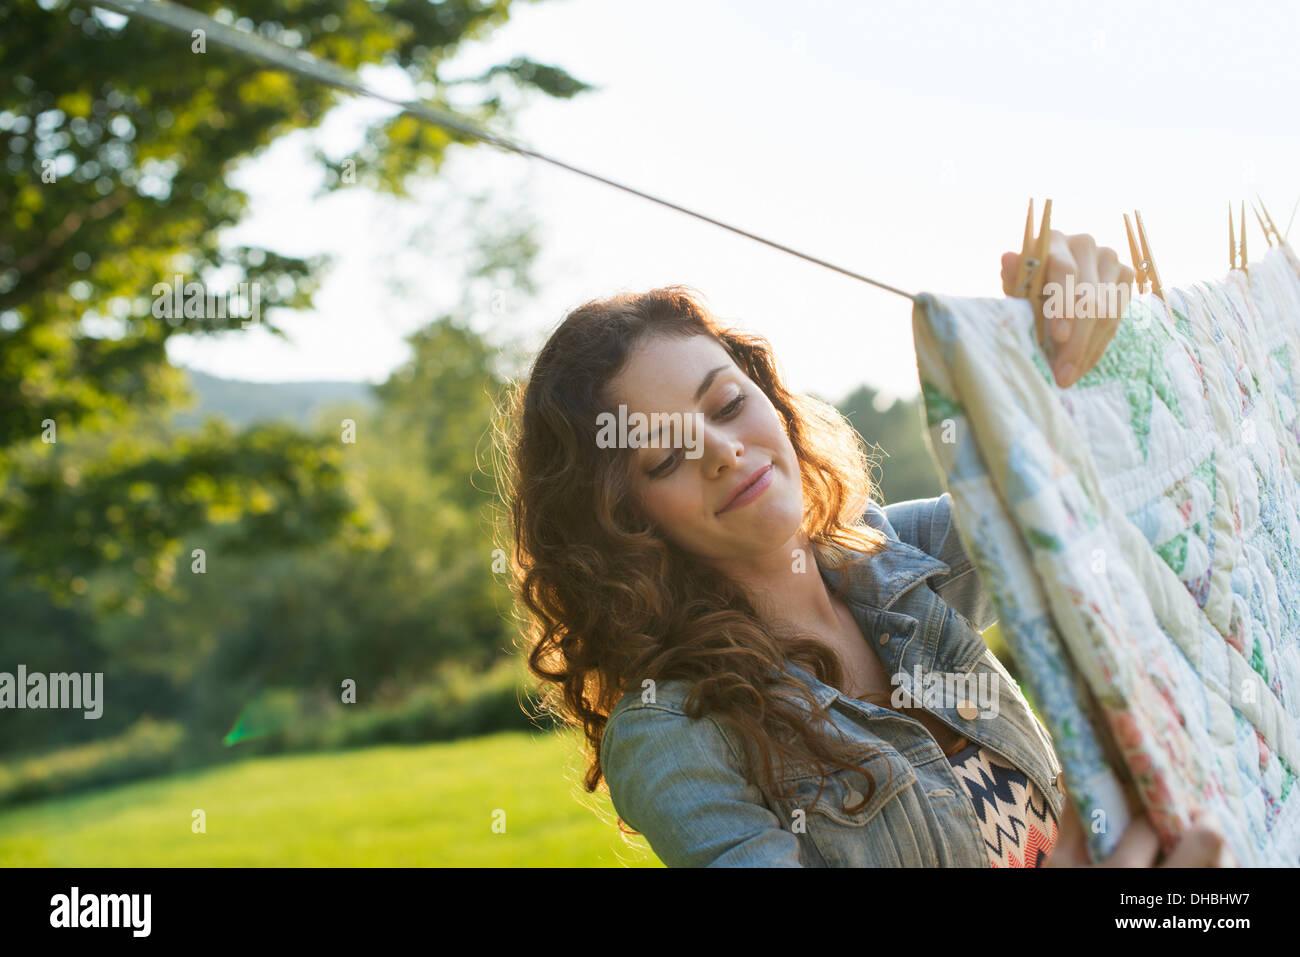 Una donna panni appesi sulla linea di lavaggio, nell'aria fresca. Immagini Stock